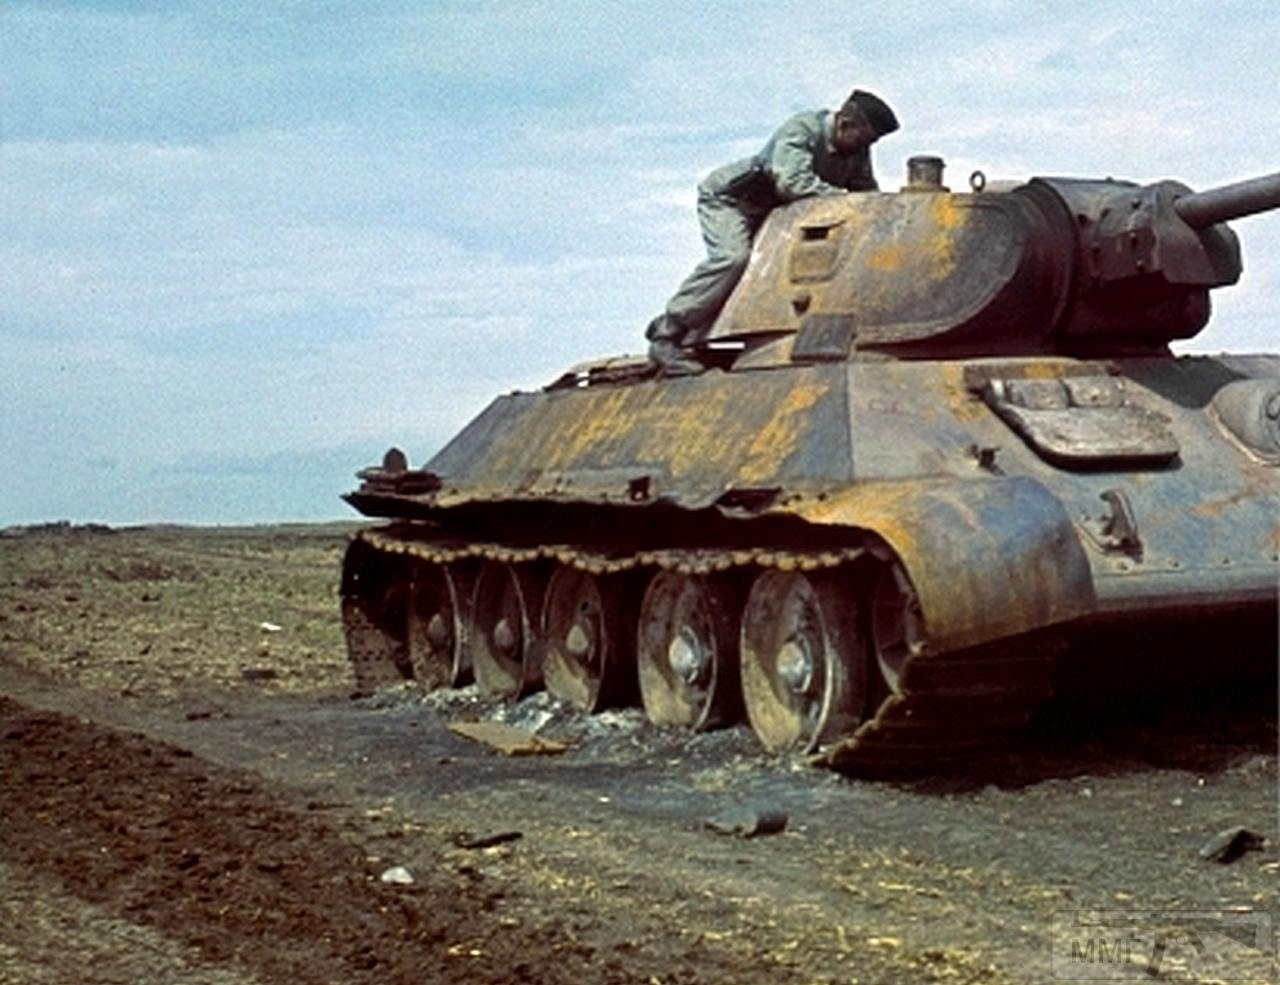 77443 - Военное фото 1941-1945 г.г. Восточный фронт.